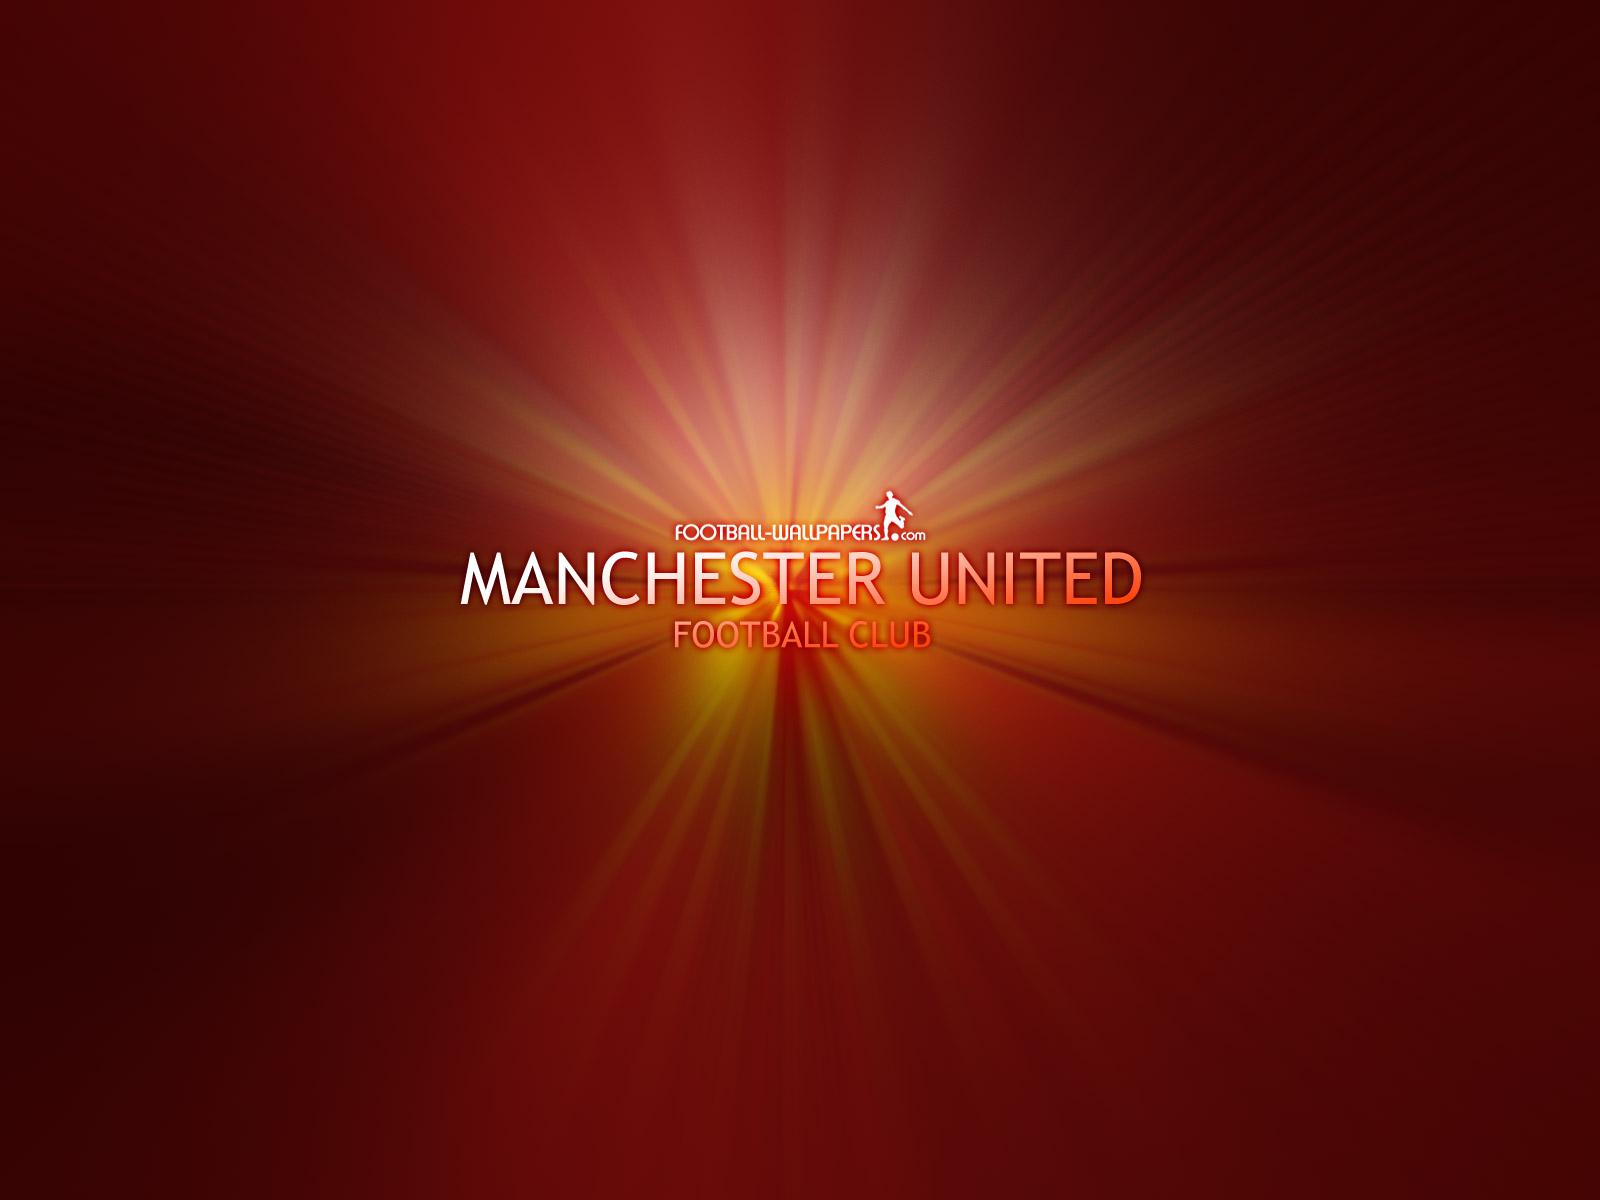 http://1.bp.blogspot.com/-tafvKco49ok/TjotpRfBIcI/AAAAAAAAAf4/Nyvg3yPEuY0/s1600/Manchester+United+Wallpaper.jpg